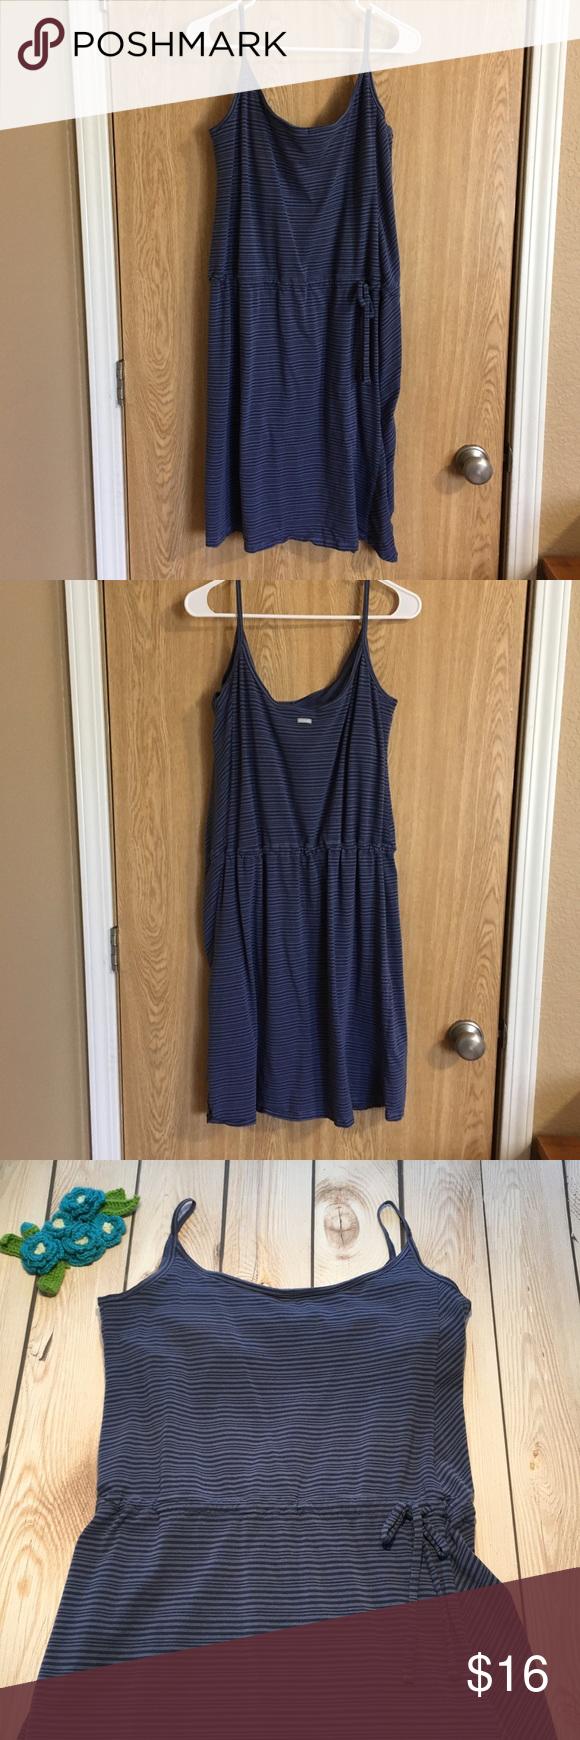 Columbia Women S Striped Summer Dress Summer Dresses Striped Dress Summer Dresses [ 1740 x 580 Pixel ]